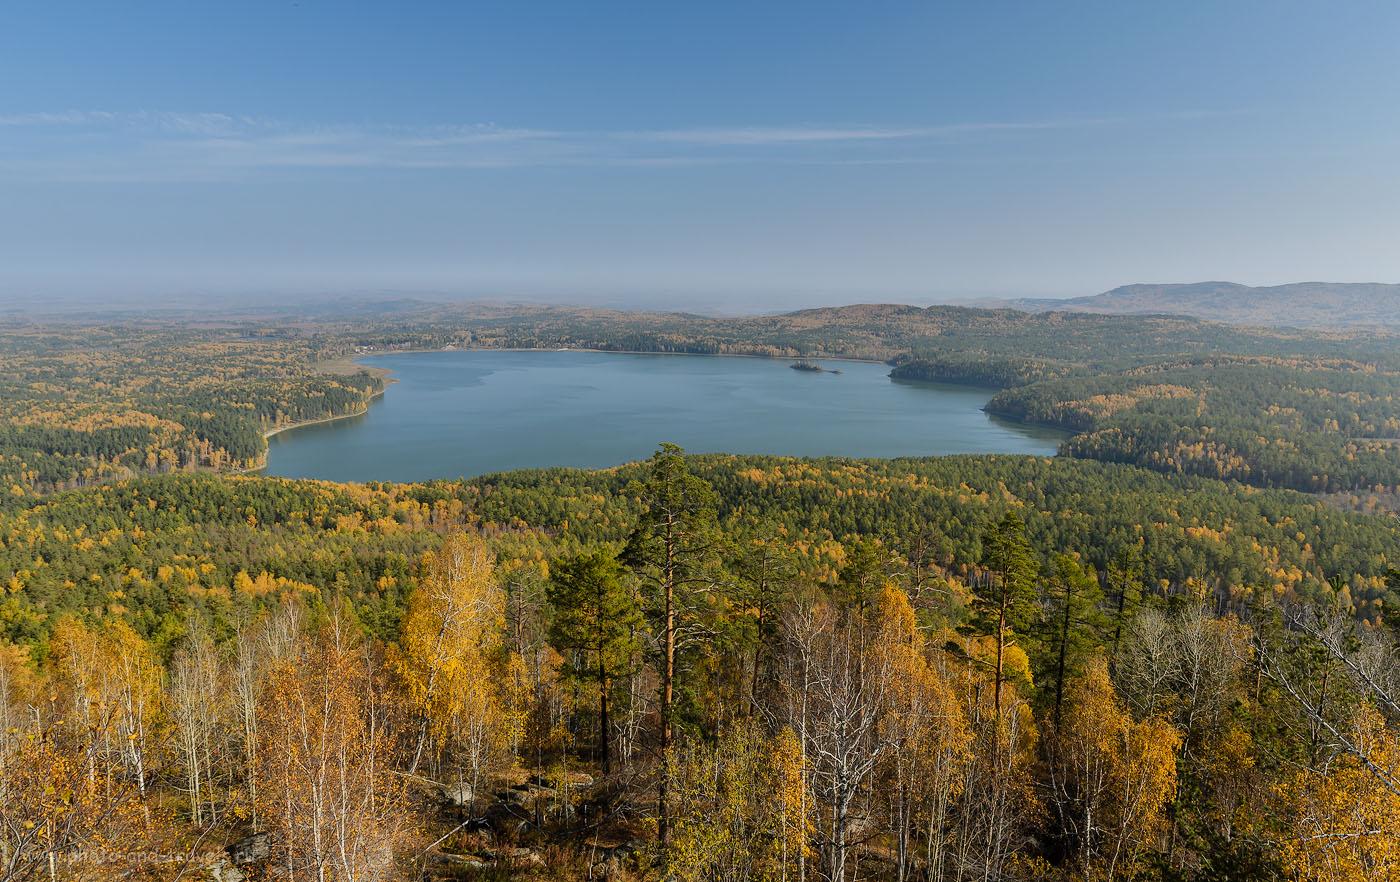 Фотография 6. Озеро Аракуль у подножия горы Аракульский шихан в Челябинской области. Как доехать на машине. Снято на ширик Samyang 14mm f/2.8 с настройками: 1/400, -1.0, 8.0, 14.0, 125.